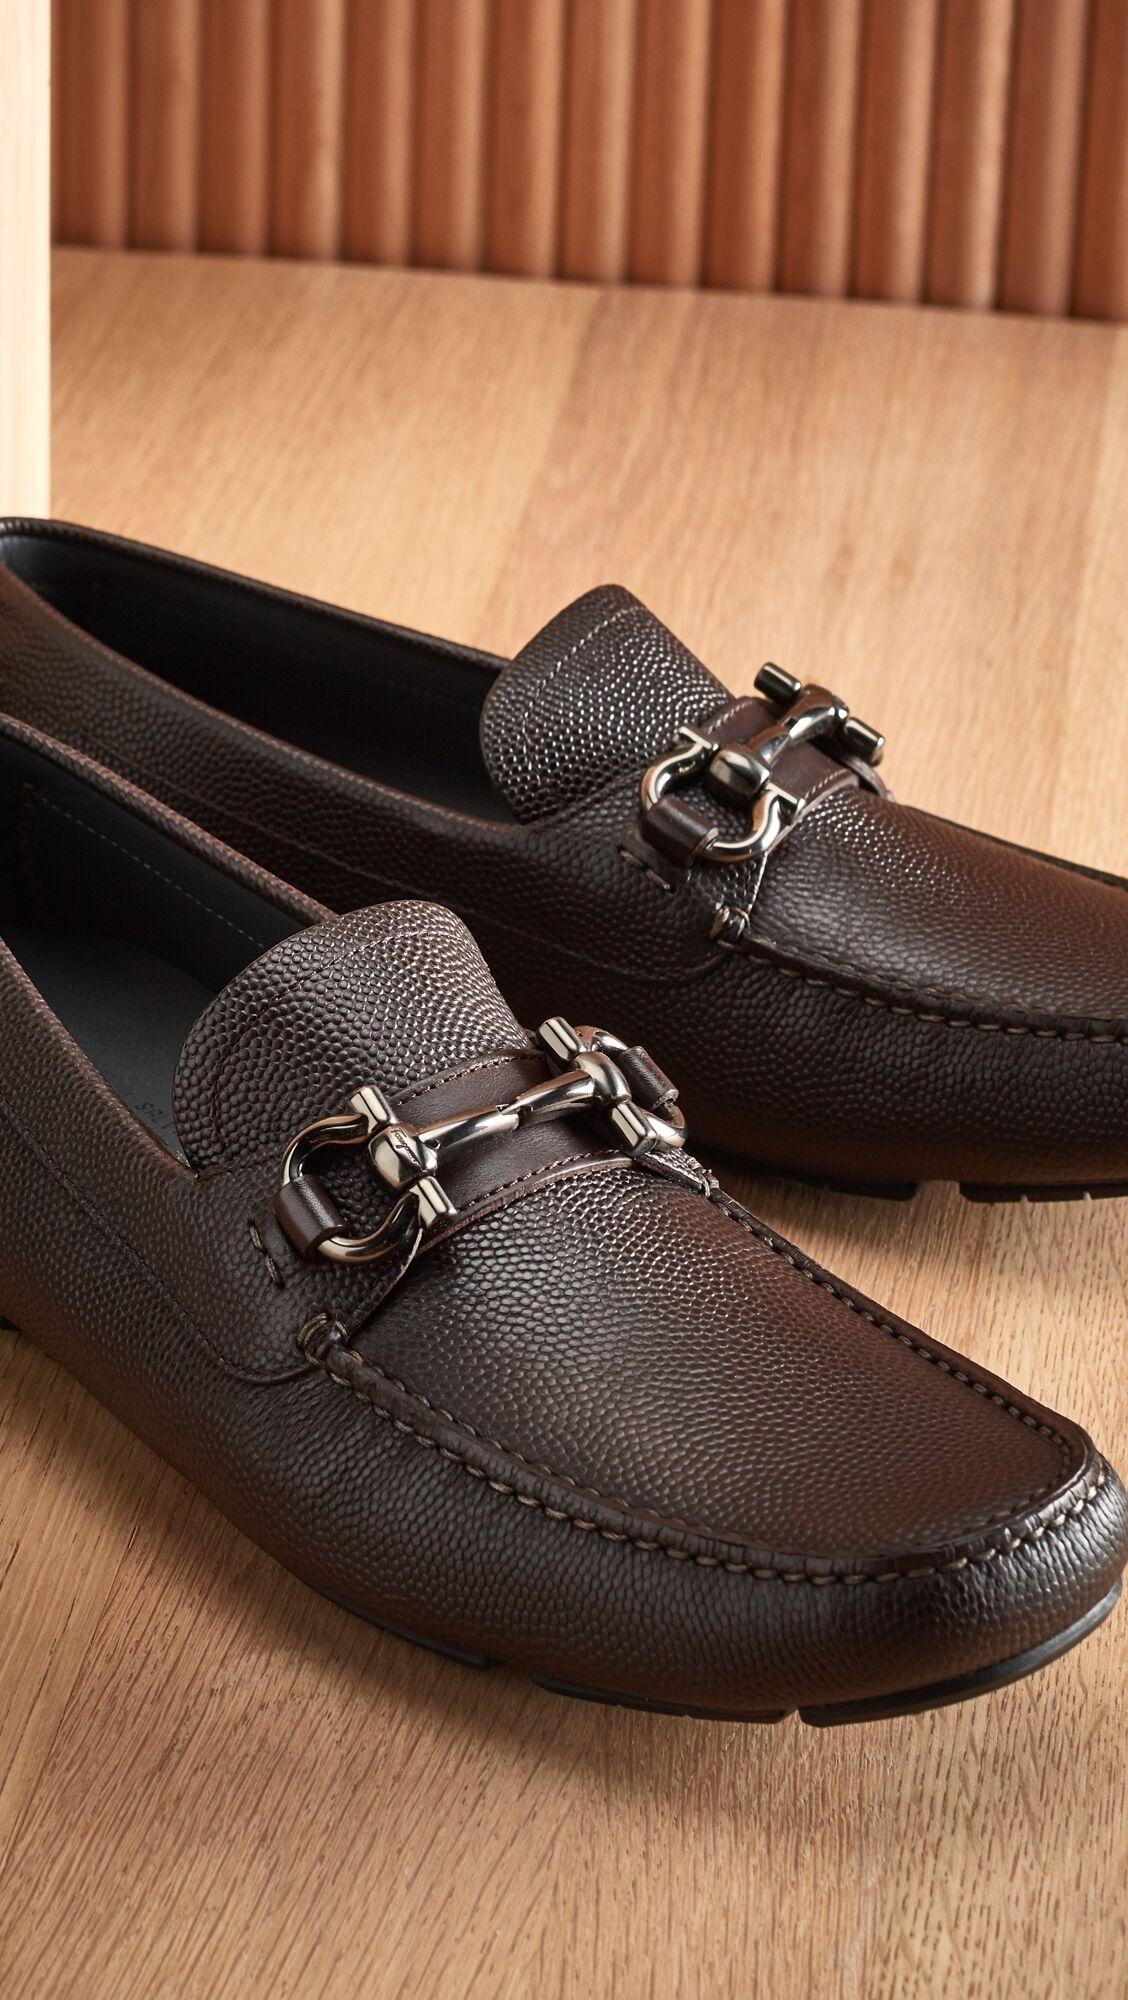 Salvatore Ferragamo Parigi Bit Driver Shoes - Hickory - Size: 10.0 D